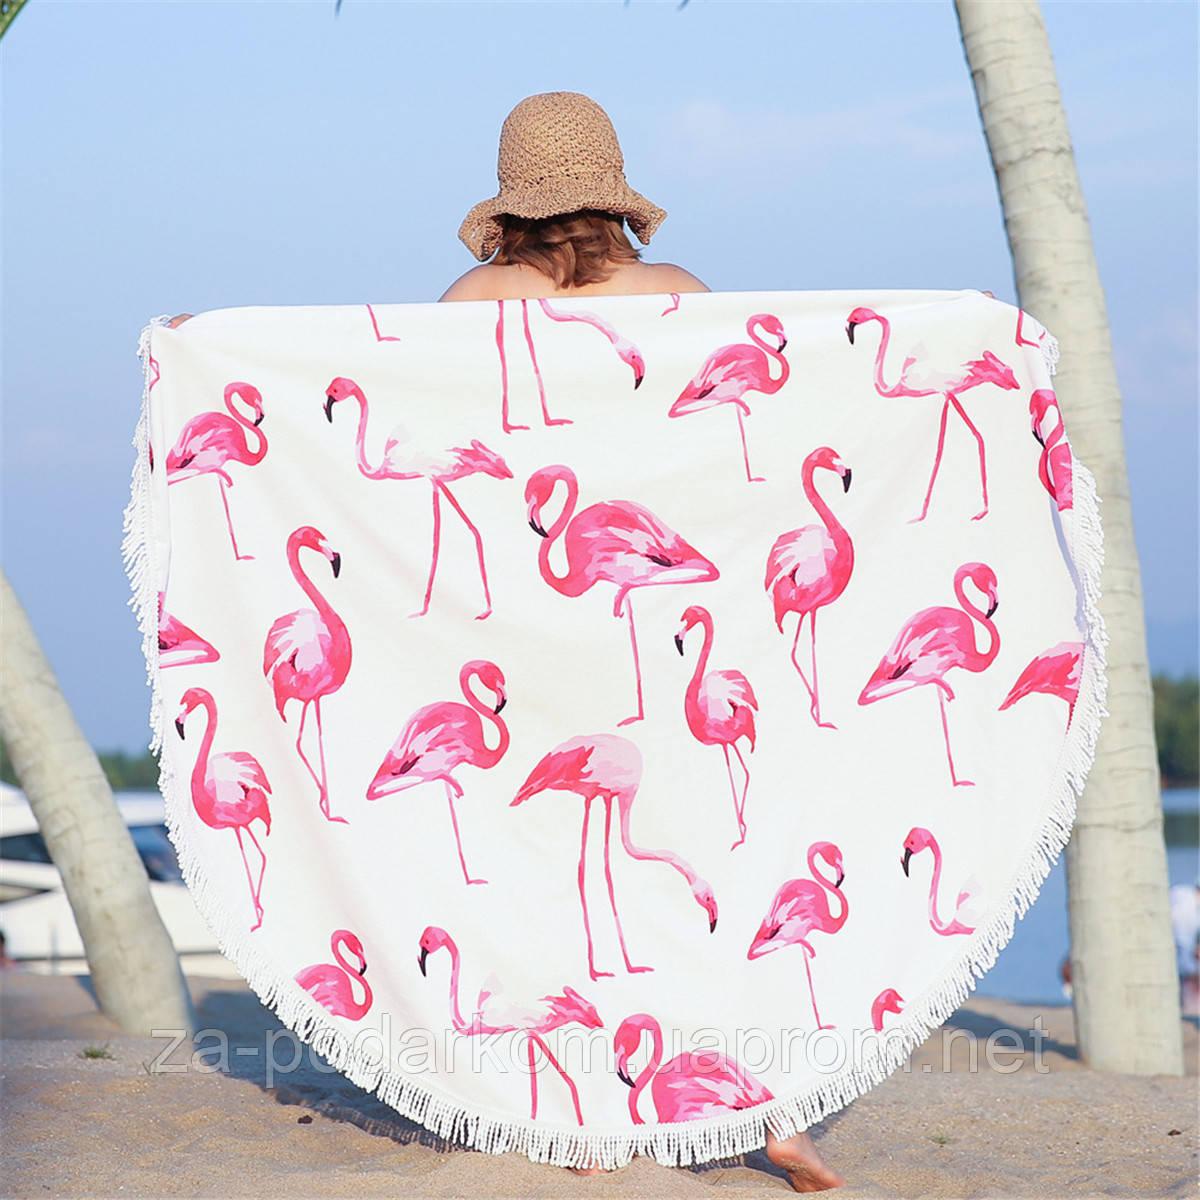 Купить Круглый пляжный коврик (подстилка для пляжа) Розовые Фламинго ... 4c732df3098